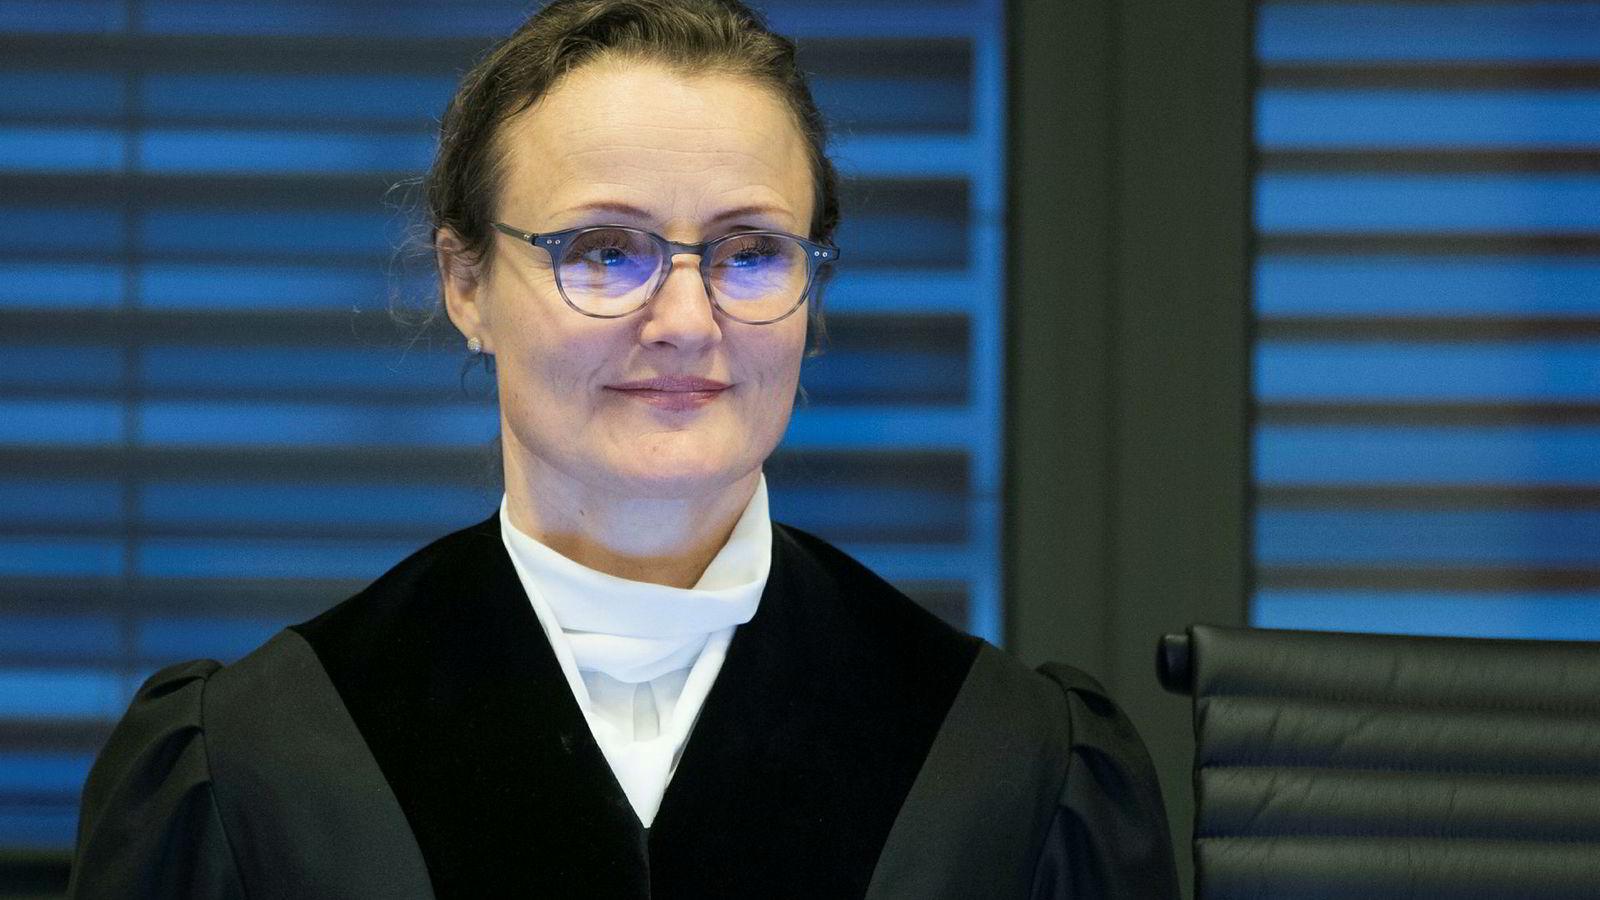 Dommer Katinka Mahieu skal dømme i saken mellom 24 omsorgsarbeidere og det private helse- og omsorgsselskapet Aleris Ungplan & BOI.